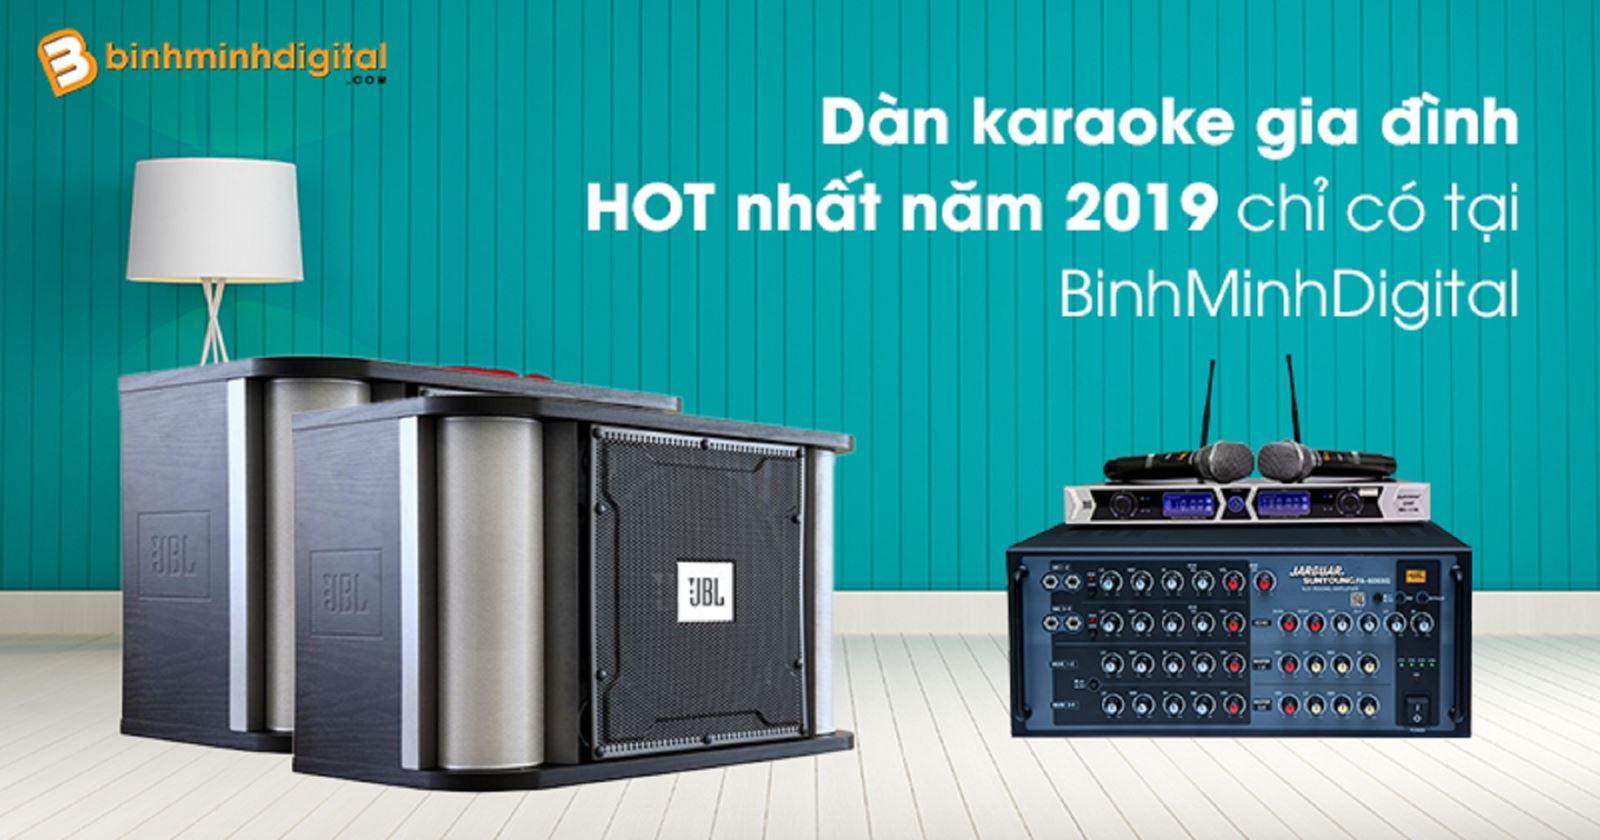 Dàn karaoke gia đình HOT nhất năm 2019 chỉ có tại BinhMinhDigital